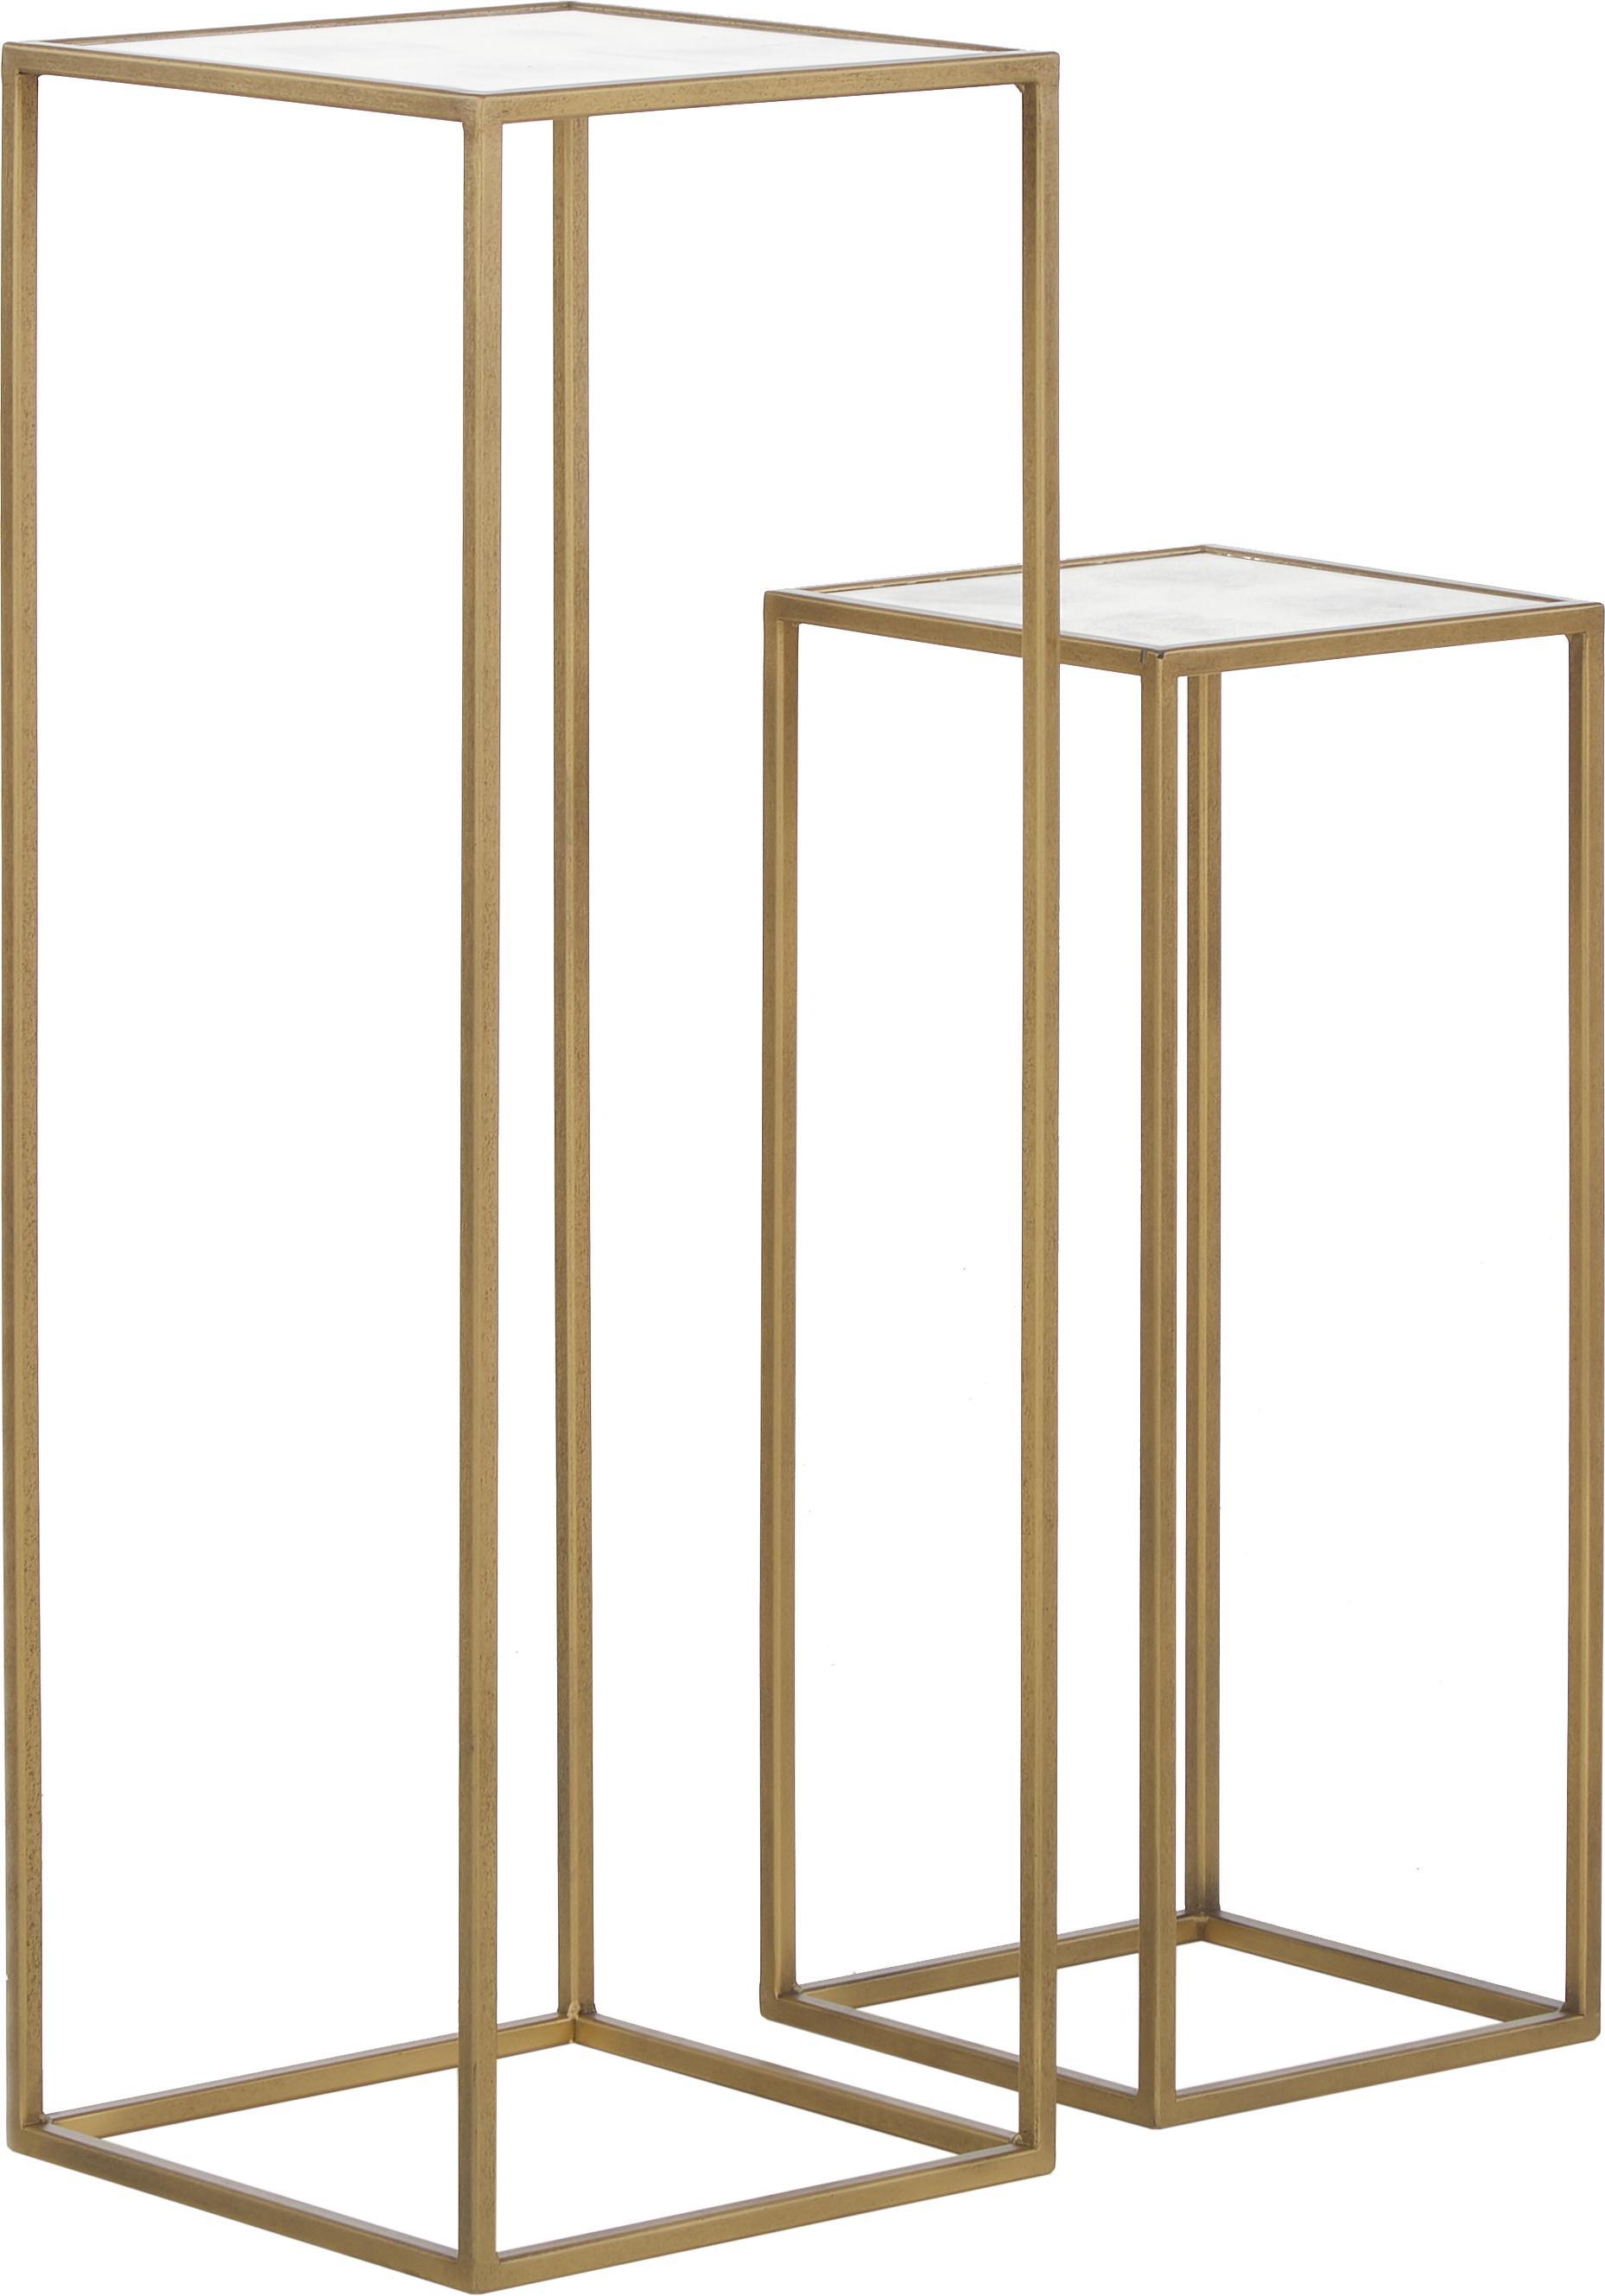 Beistelltisch-Set Honey mit Spiegelglas-Platte, Gestell: Metall, lackiert, Tischplatte: Spiegelglas, matt, Messingfarben, Sondergrößen